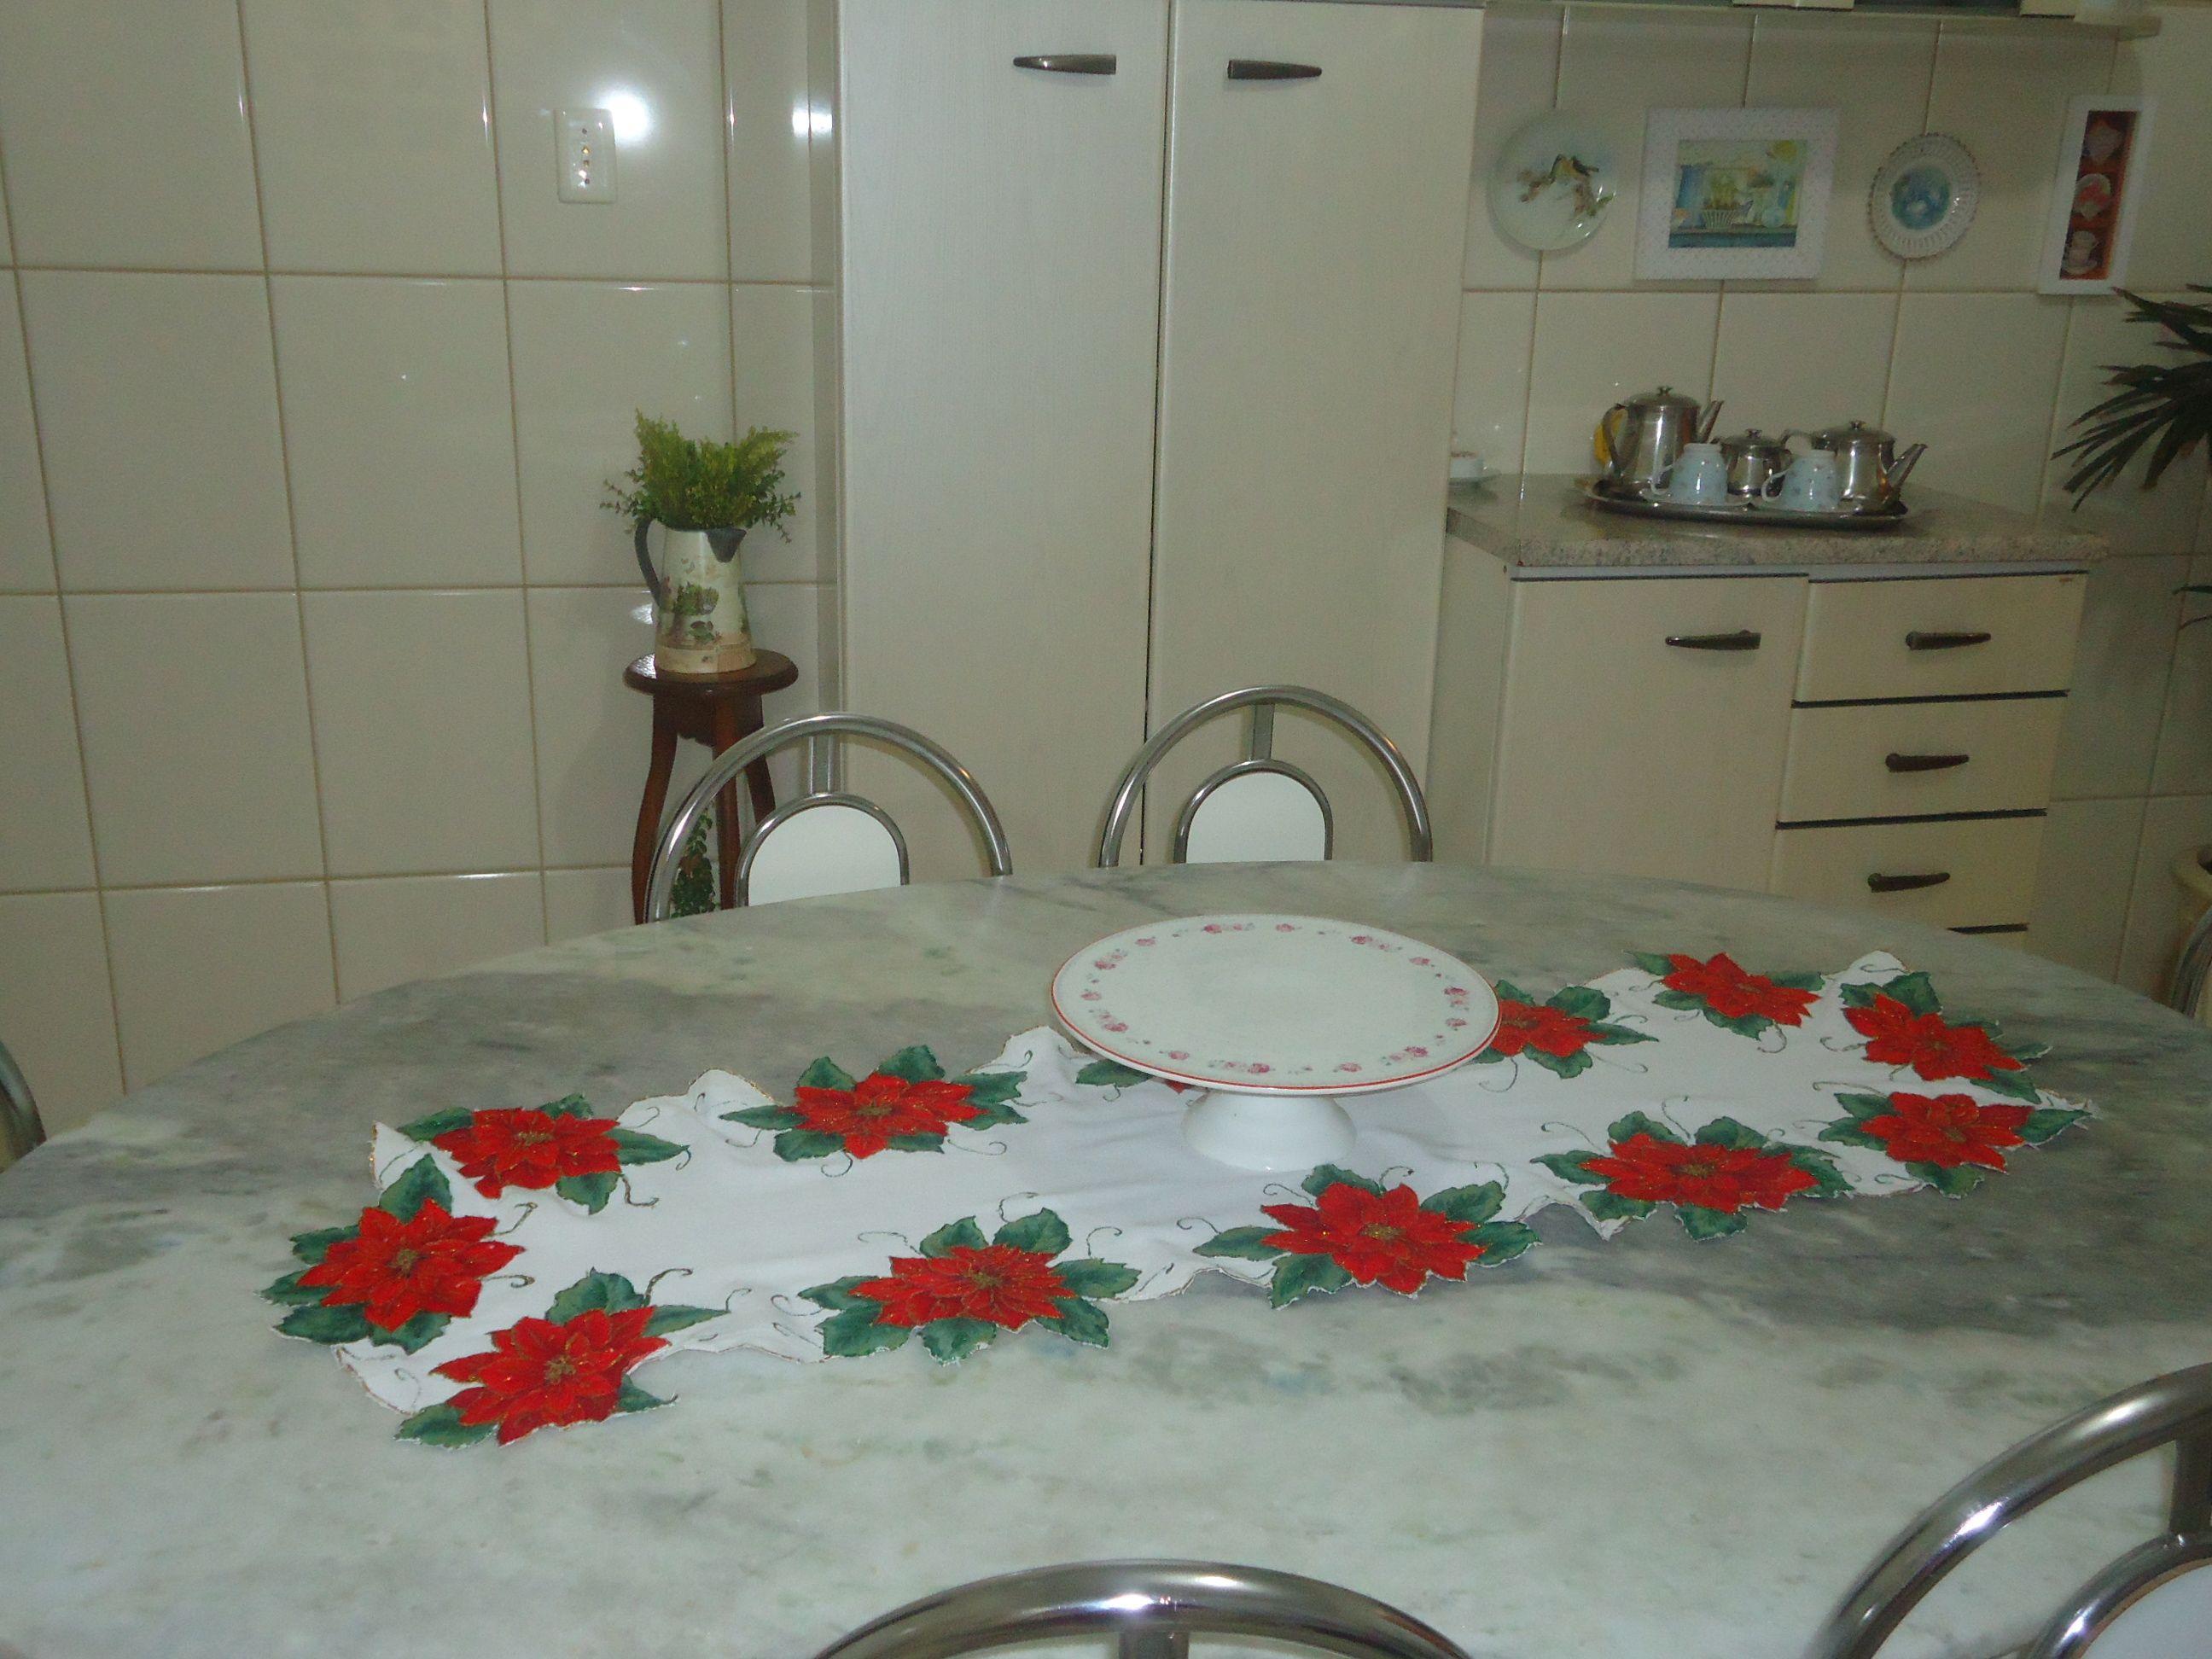 caminho de mesa com aplicações de flores natalinas